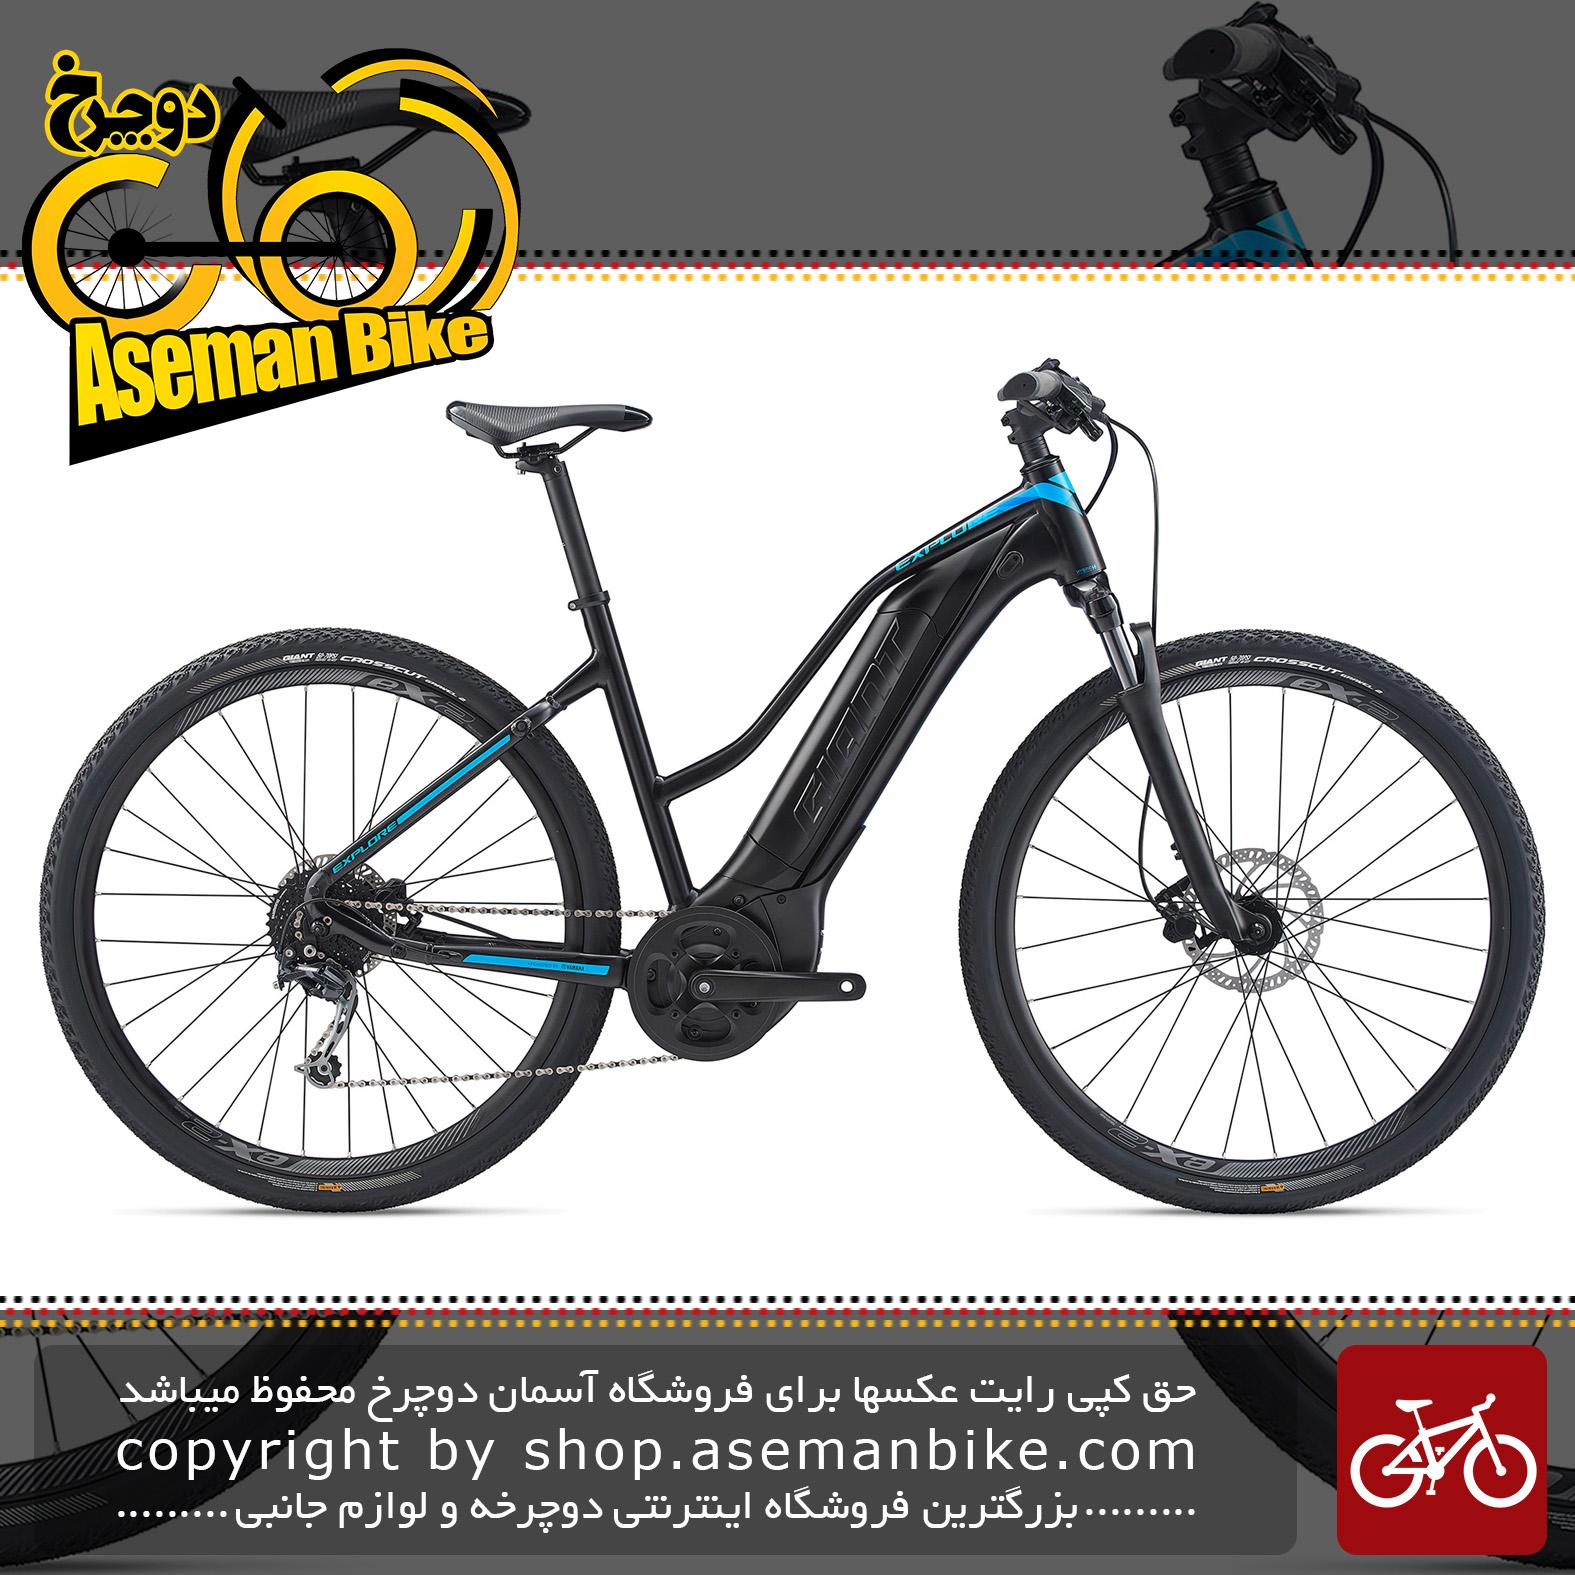 دوچرخه دومنظوره برقی جاینت مدل اکسپلور ای پلاس 4 اس تی ای 2020 Giant Trekking Bicycle Explore E+ 4 STA 2020